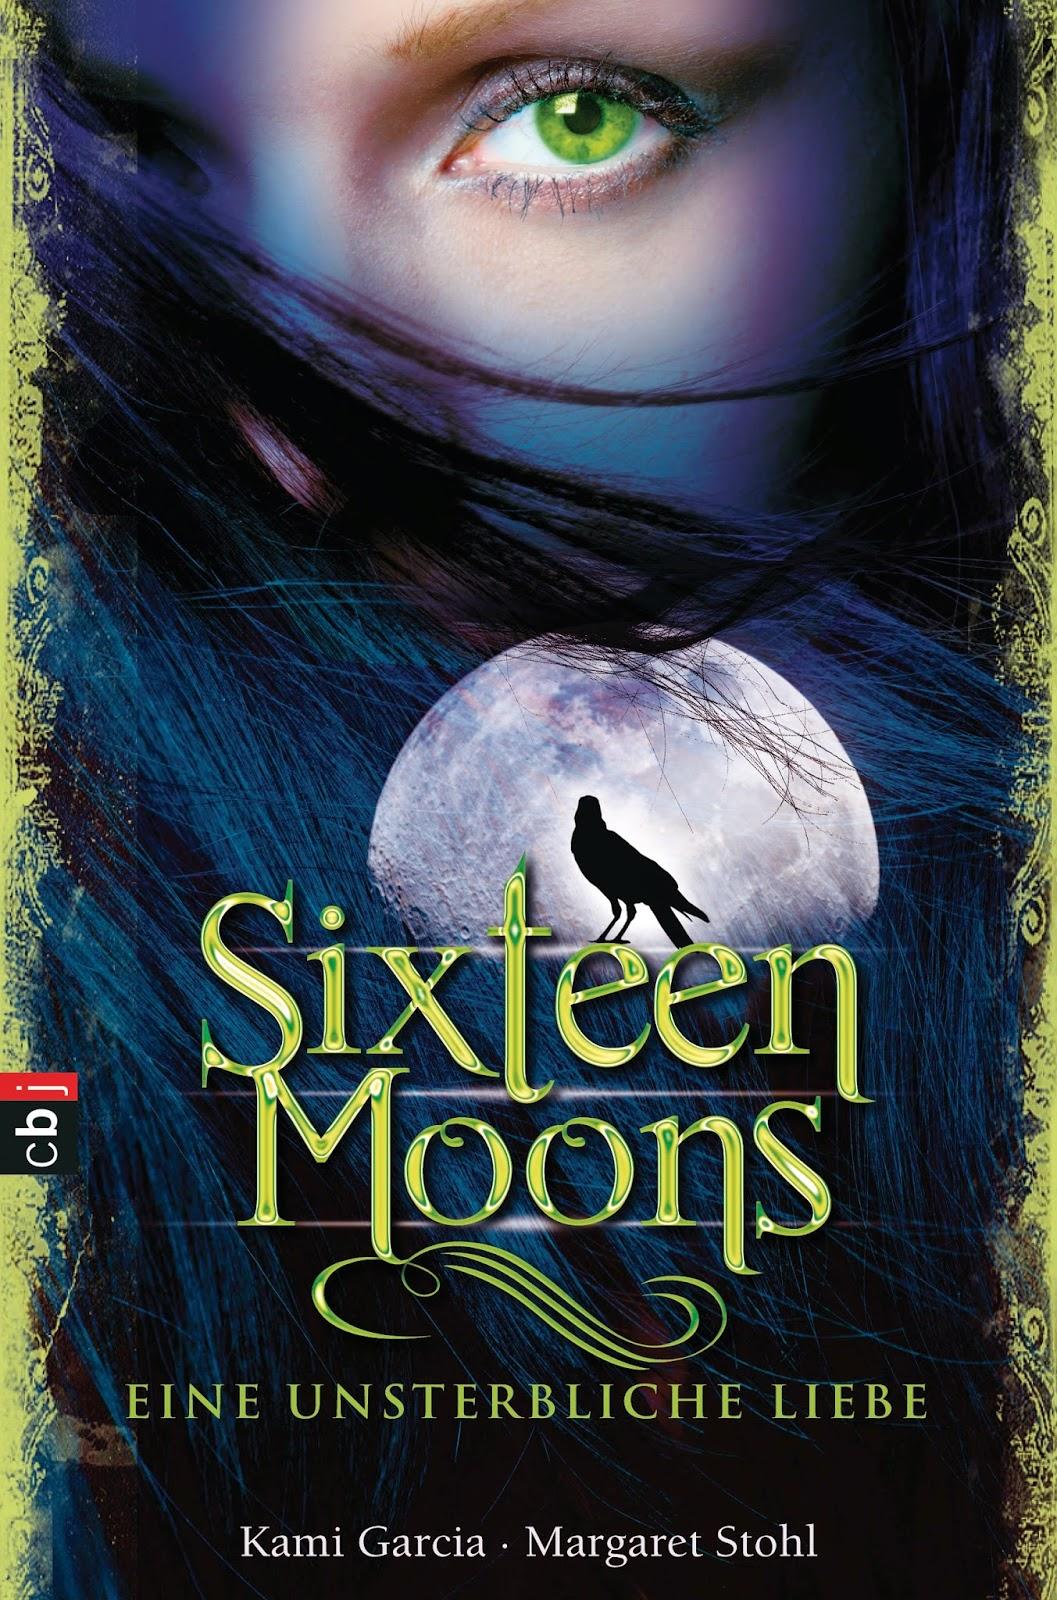 http://www.amazon.de/Sixteen-Moons-Eine-unsterbliche-Liebe/dp/3570138283/ref=tmm_hrd_title_0?ie=UTF8&qid=1399123438&sr=8-1